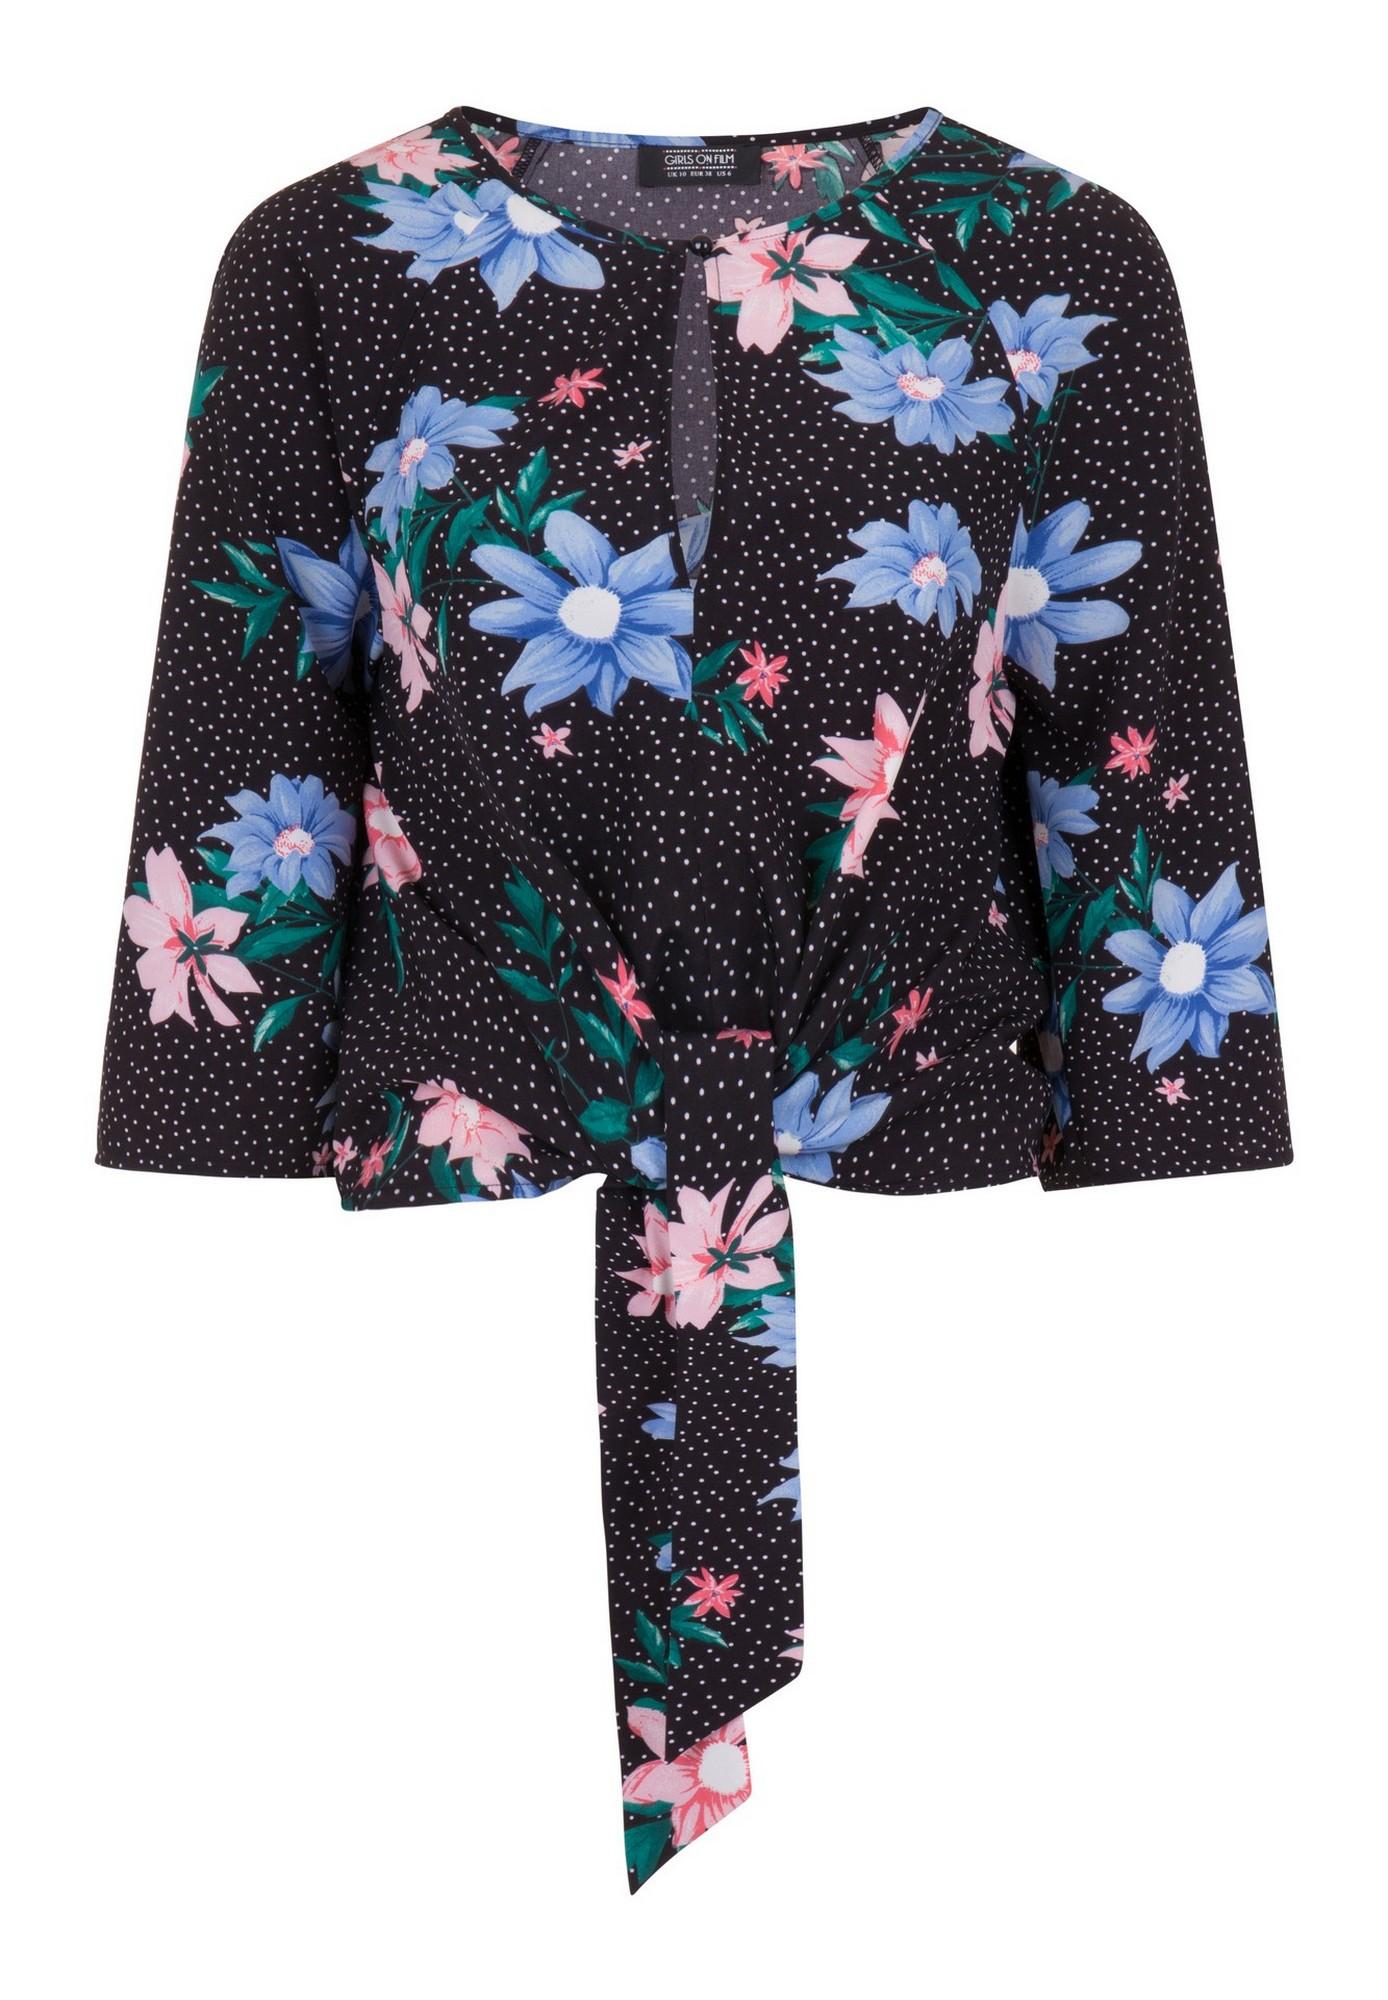 Girls On Film Womens/Ladies Lio Floral Tie Blouse (10 UK) (Black)